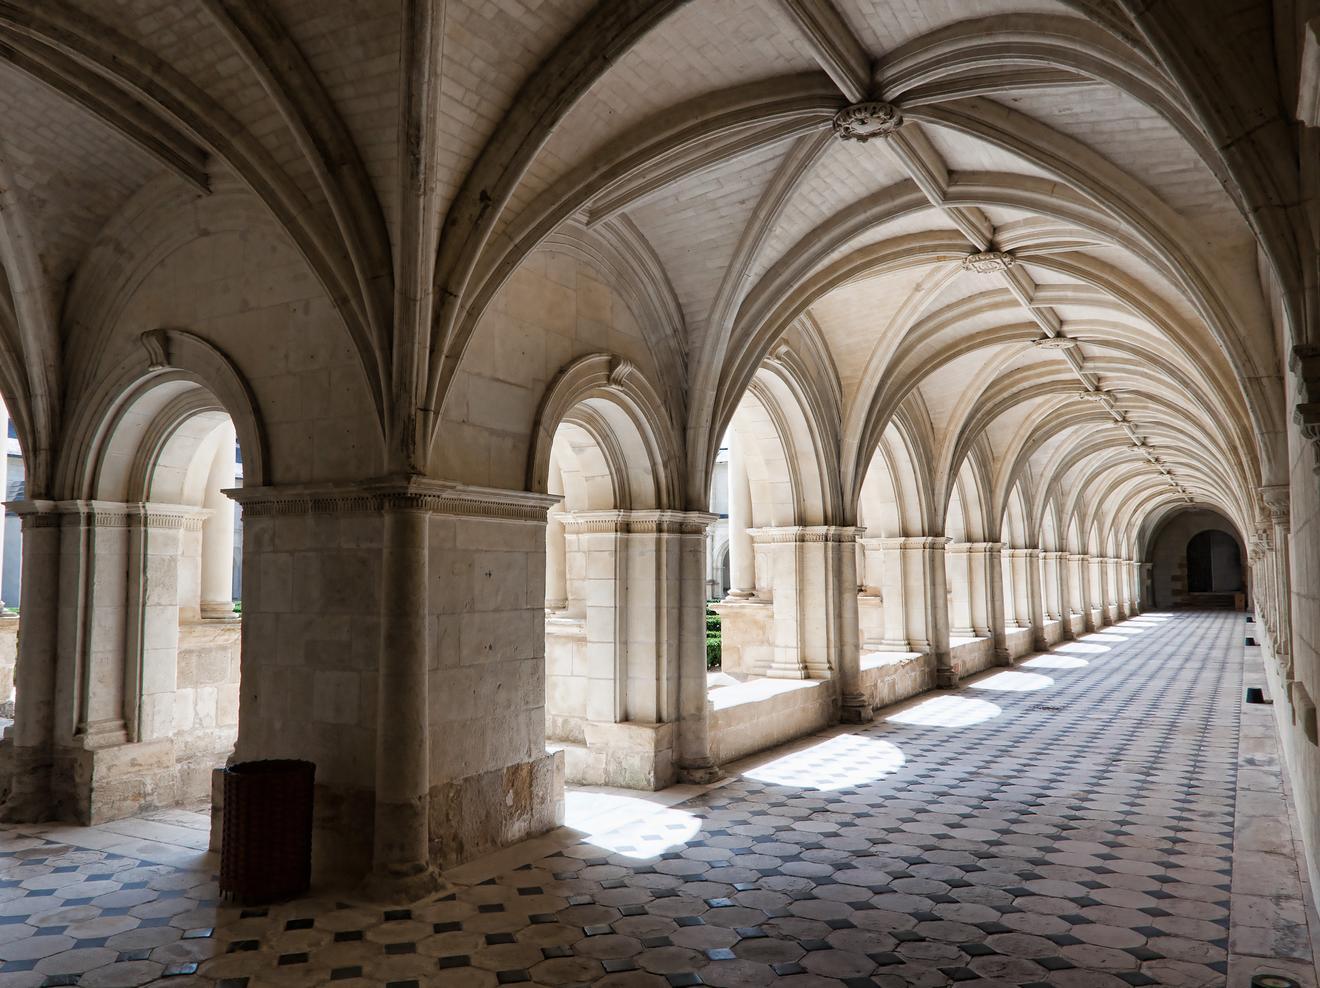 Cloître du grand moûtier, de l'abbaye de Fontevraud par Jean-Christophe Benoist